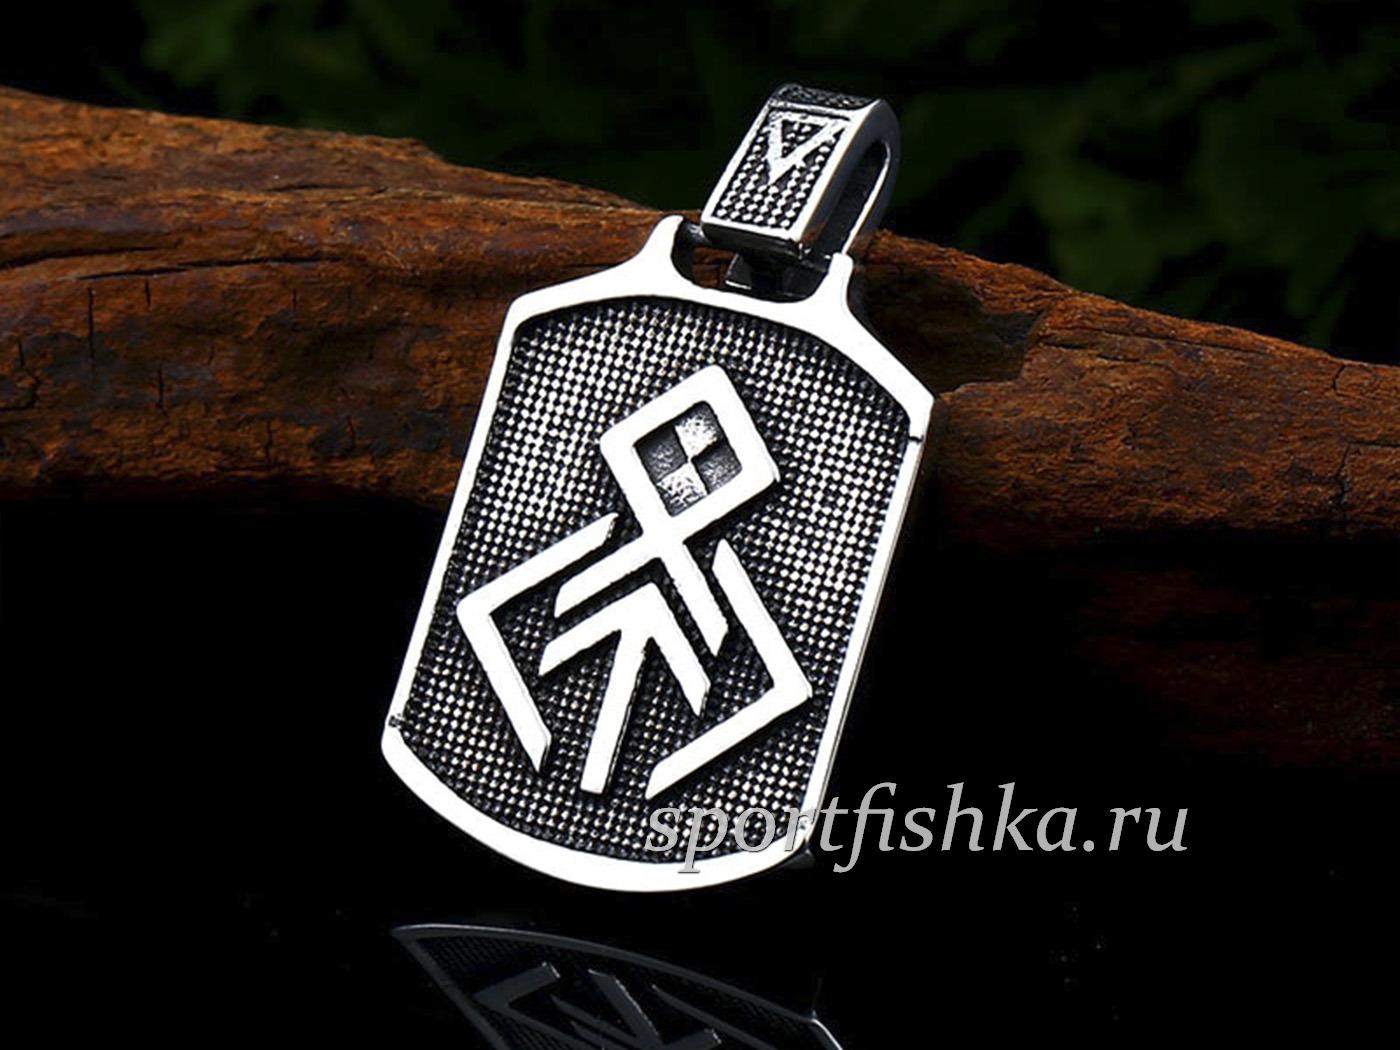 Амулет славянский купить